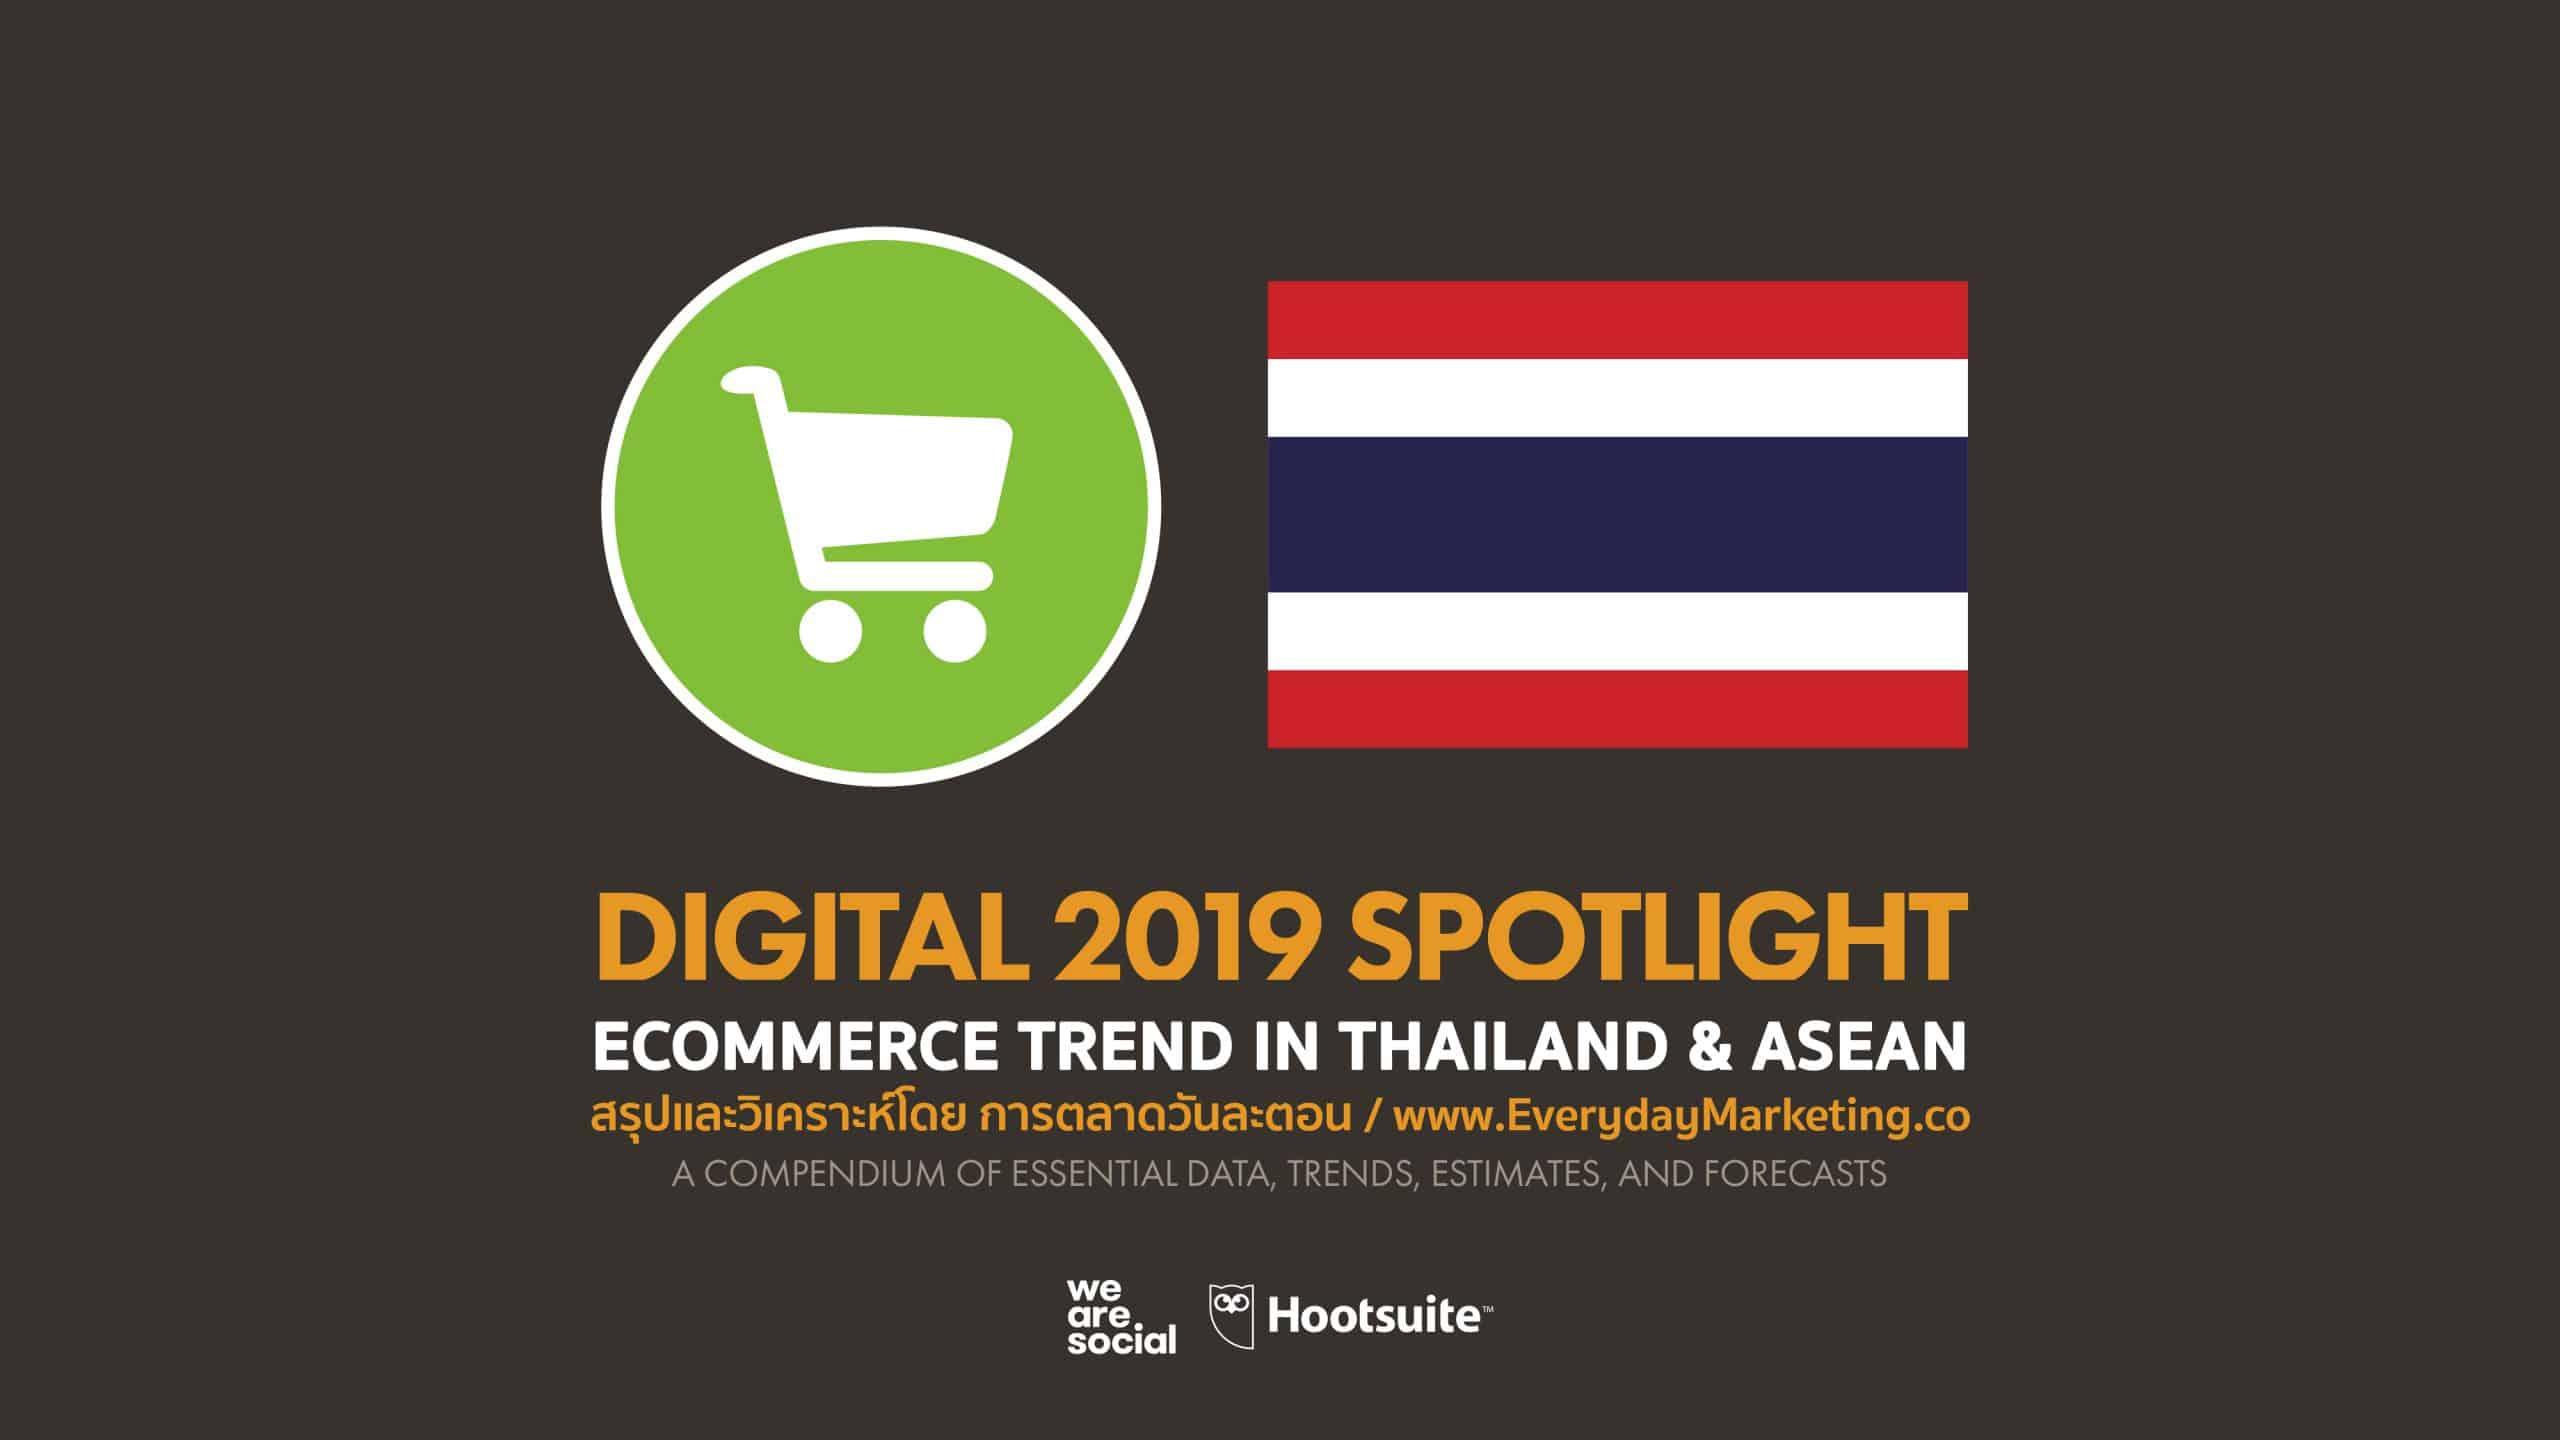 วิเคราะห์สถานการณ์ E-Commerce ไทย 2020 เมื่อเทียบกับเพื่อนบ้าน ASEAN และทั่วโลก